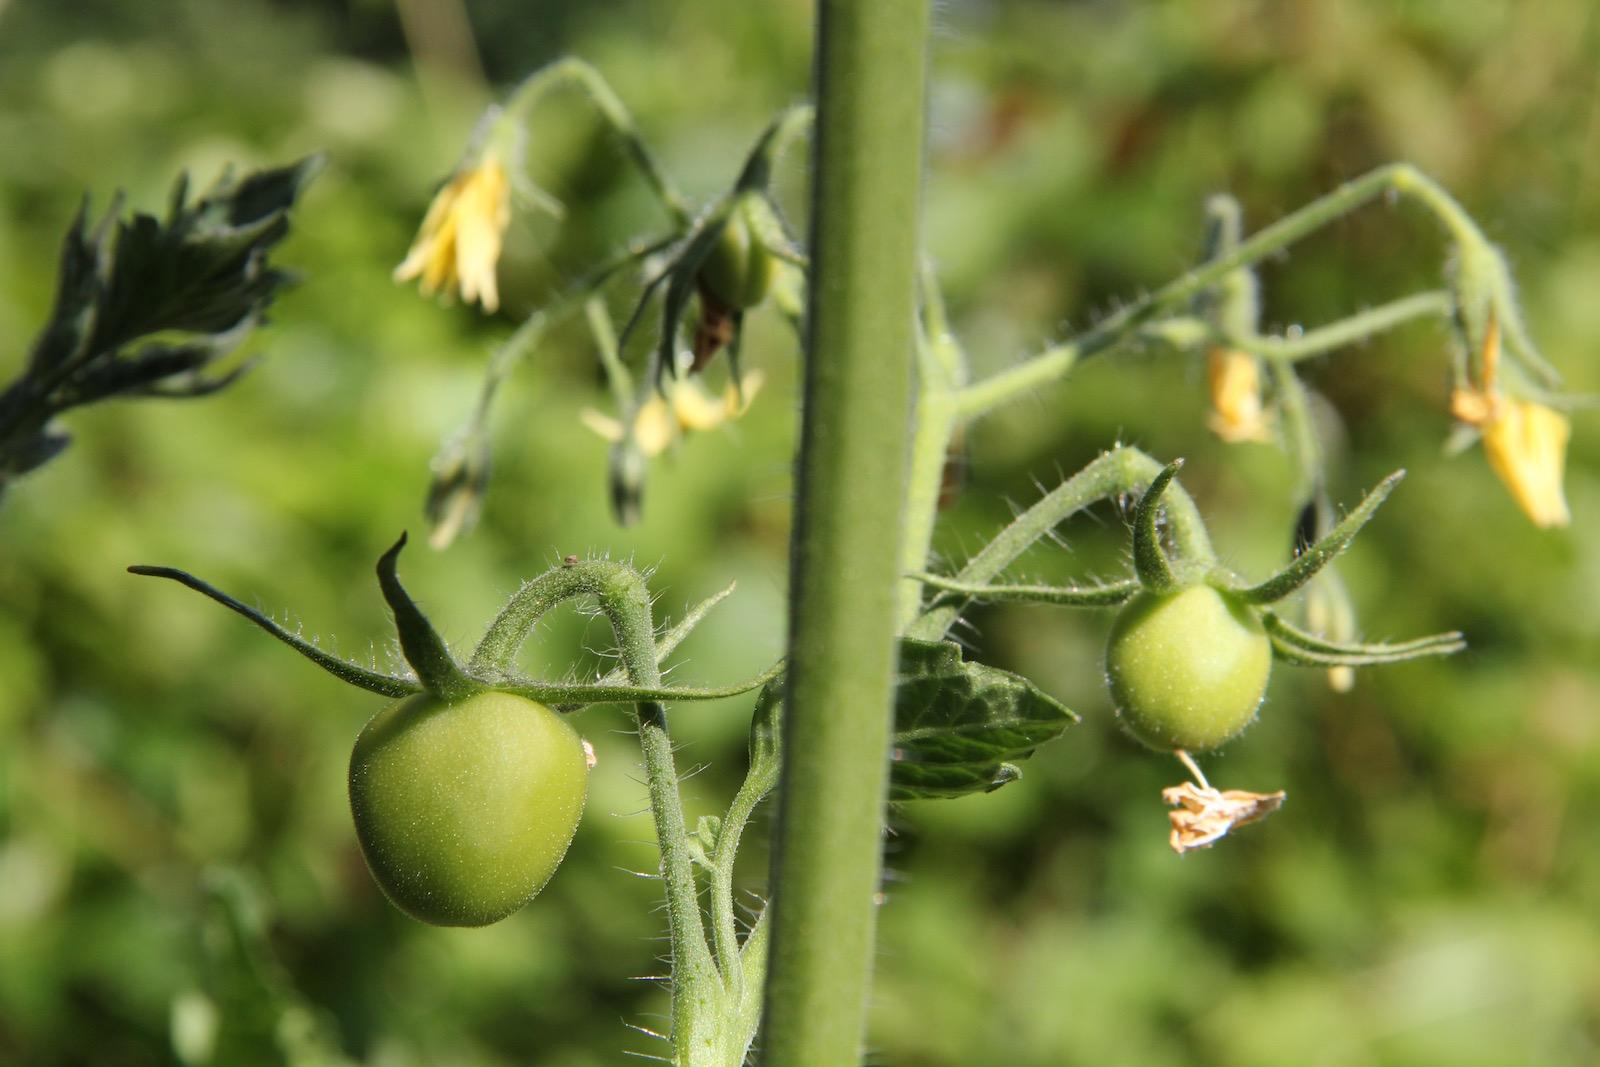 Grüne Minitomaten und Tomatenblüten an einer Tomatenpflanze